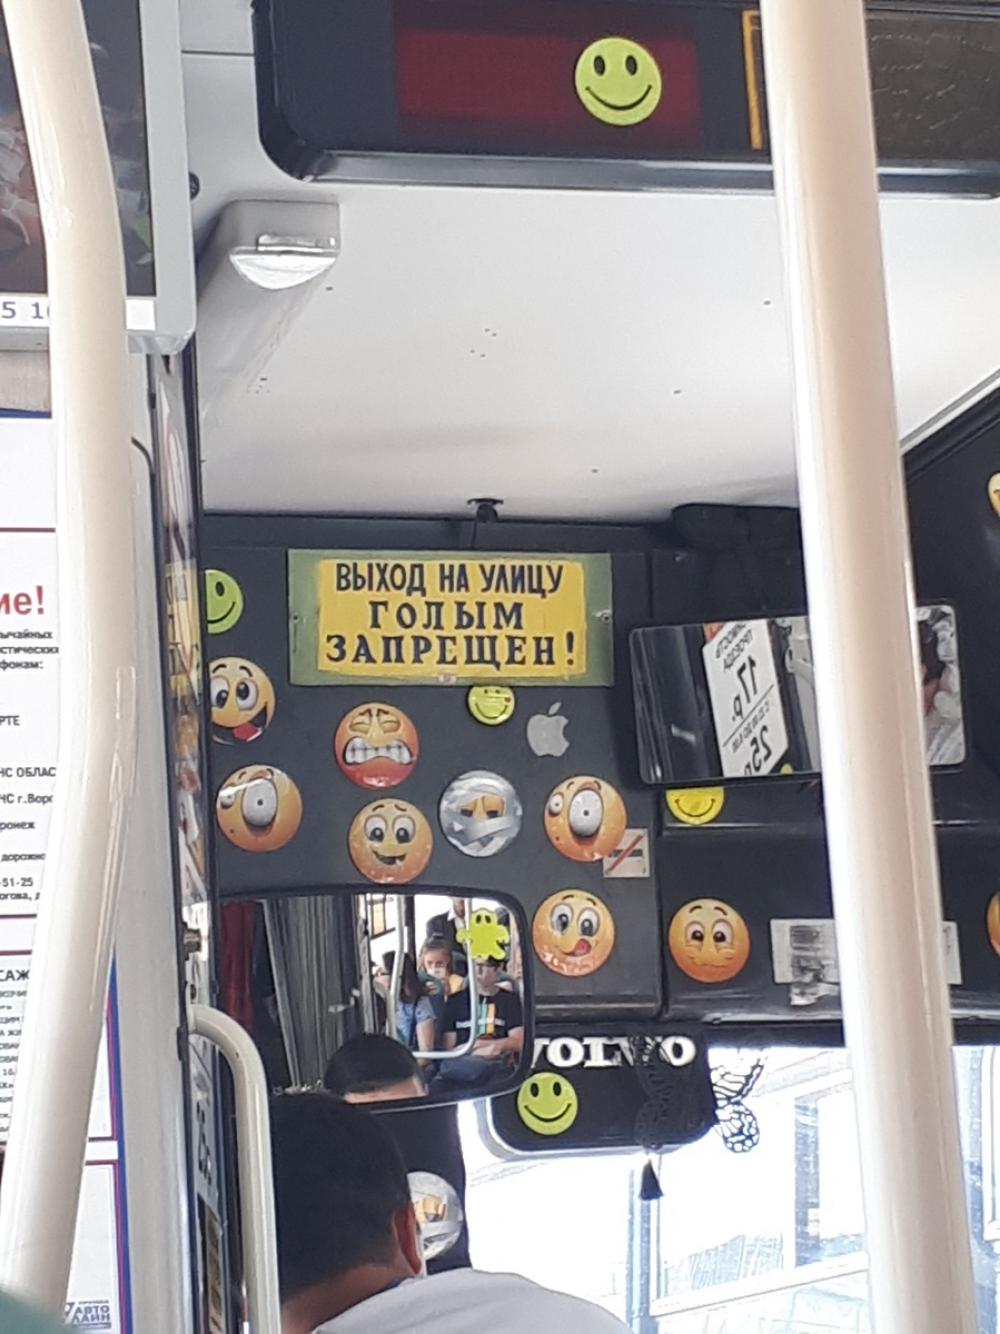 Воронежцам запретили выходить из автобуса голышом